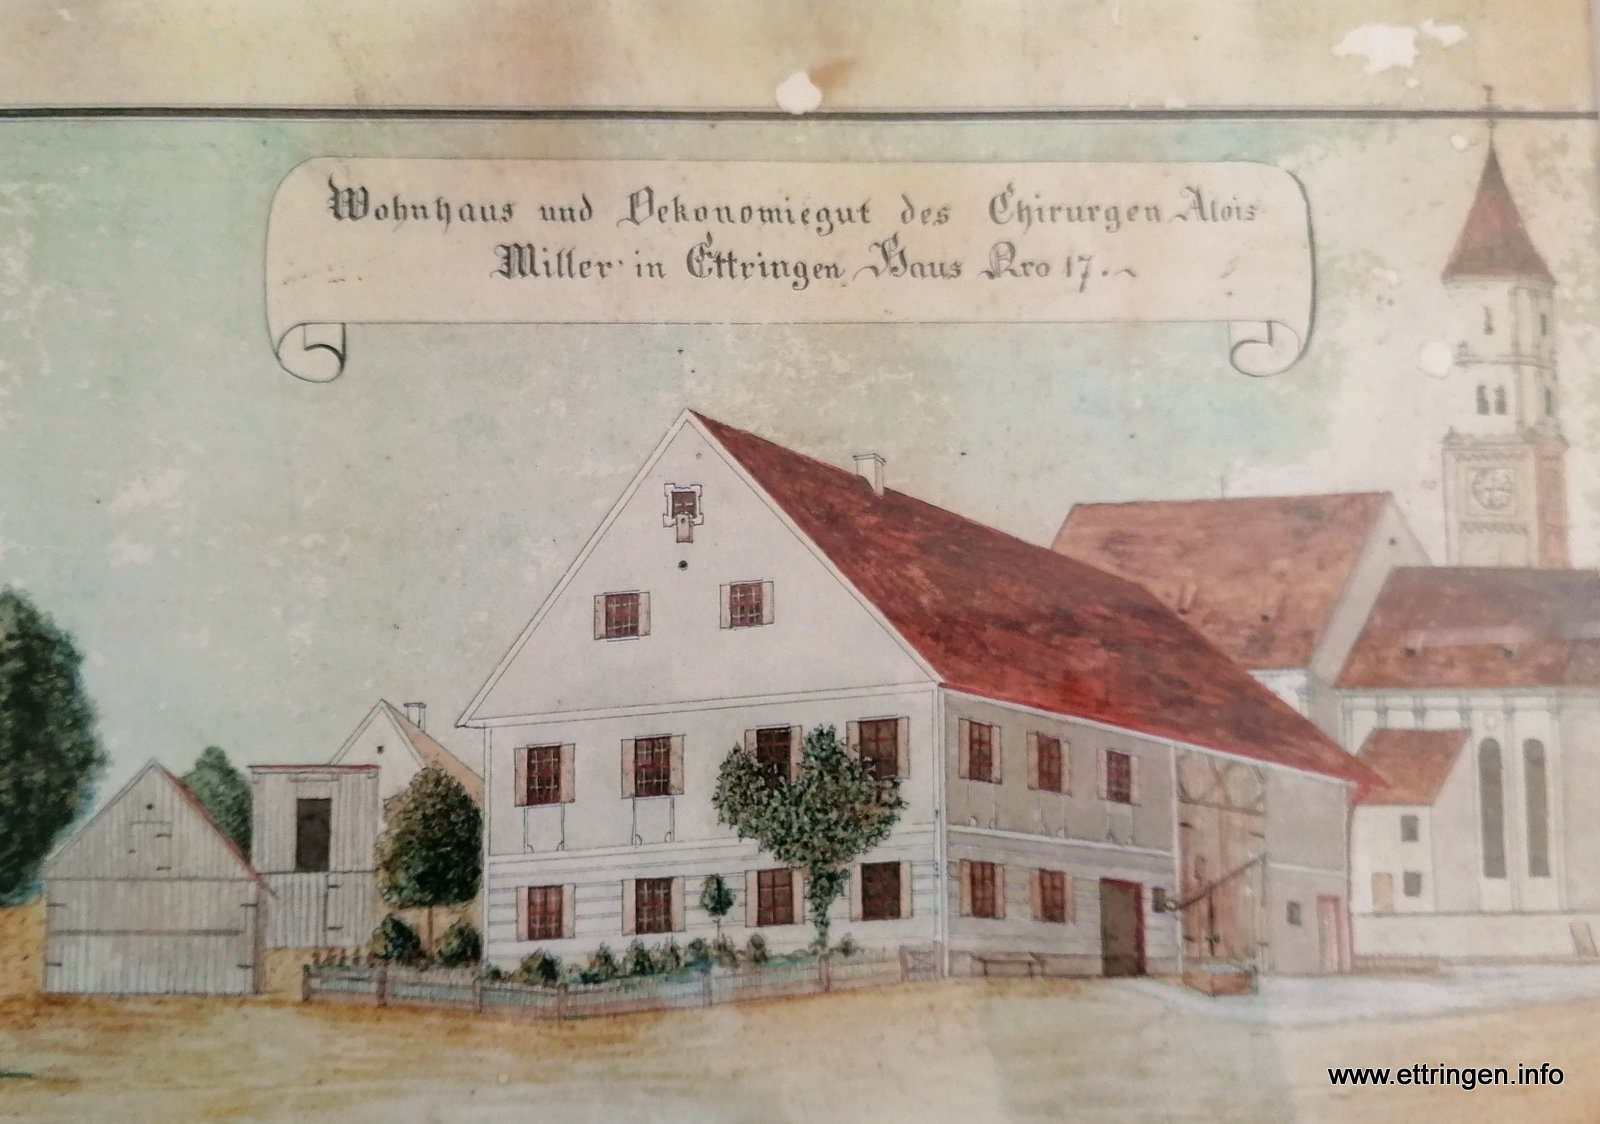 Wohnhaus und Oekonomiegut des Chirurgen Alois Müller in Ettringen Haus Nr. 17